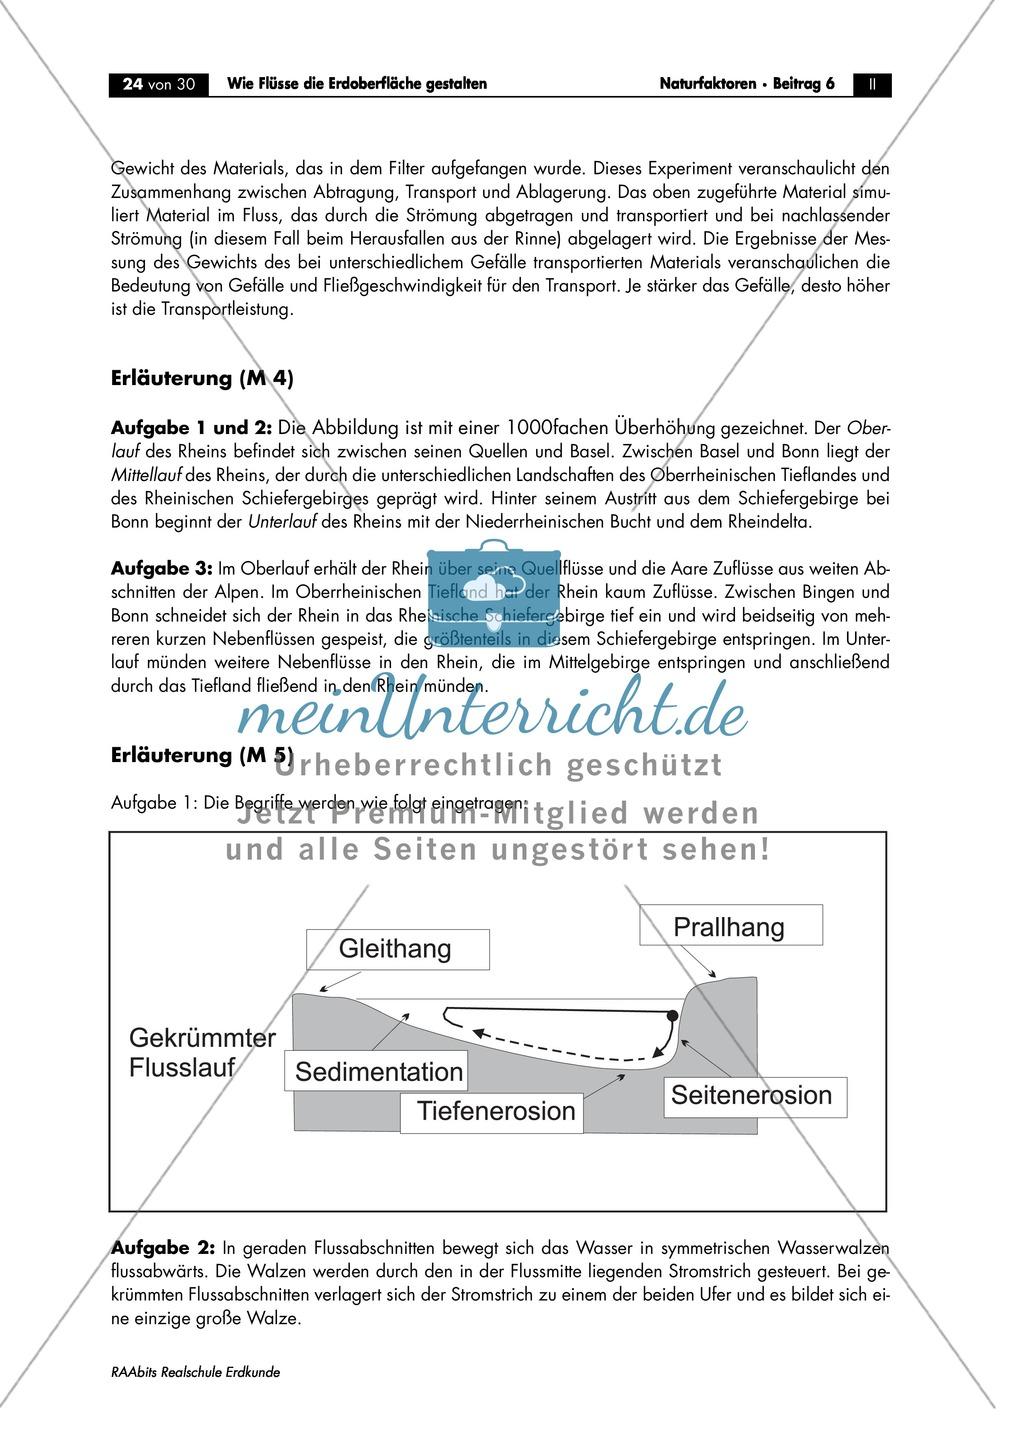 Flussdynamik- und Morphologie am Beispiel des Rheins: Prall- und Gleithang + Mäander + Altarme + Talformen + Flussmündungen Preview 11